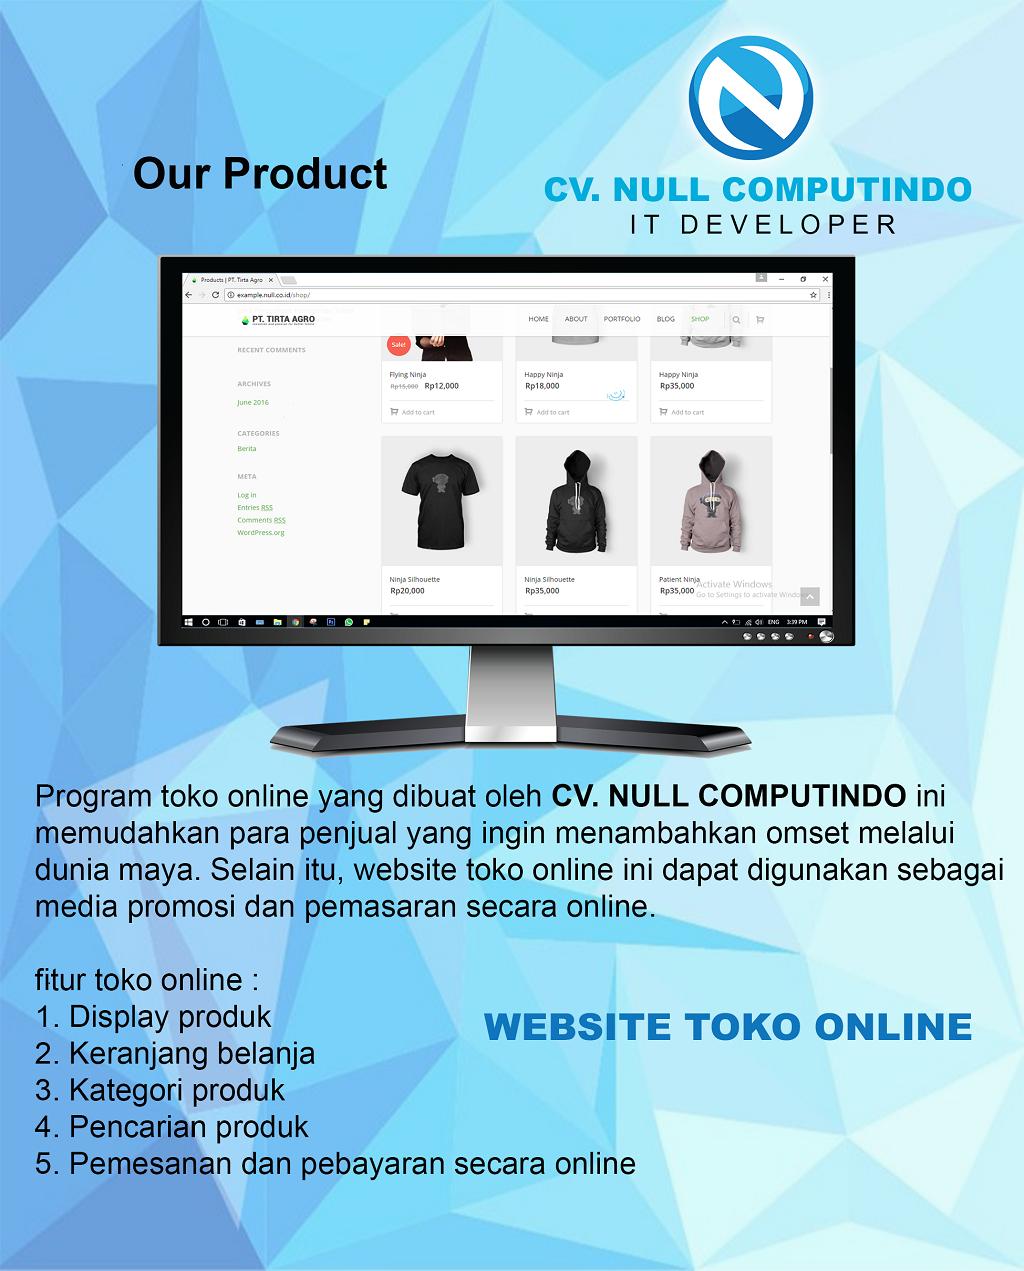 Jual Promo Pemesanan Website Toko Online Sudah Sama